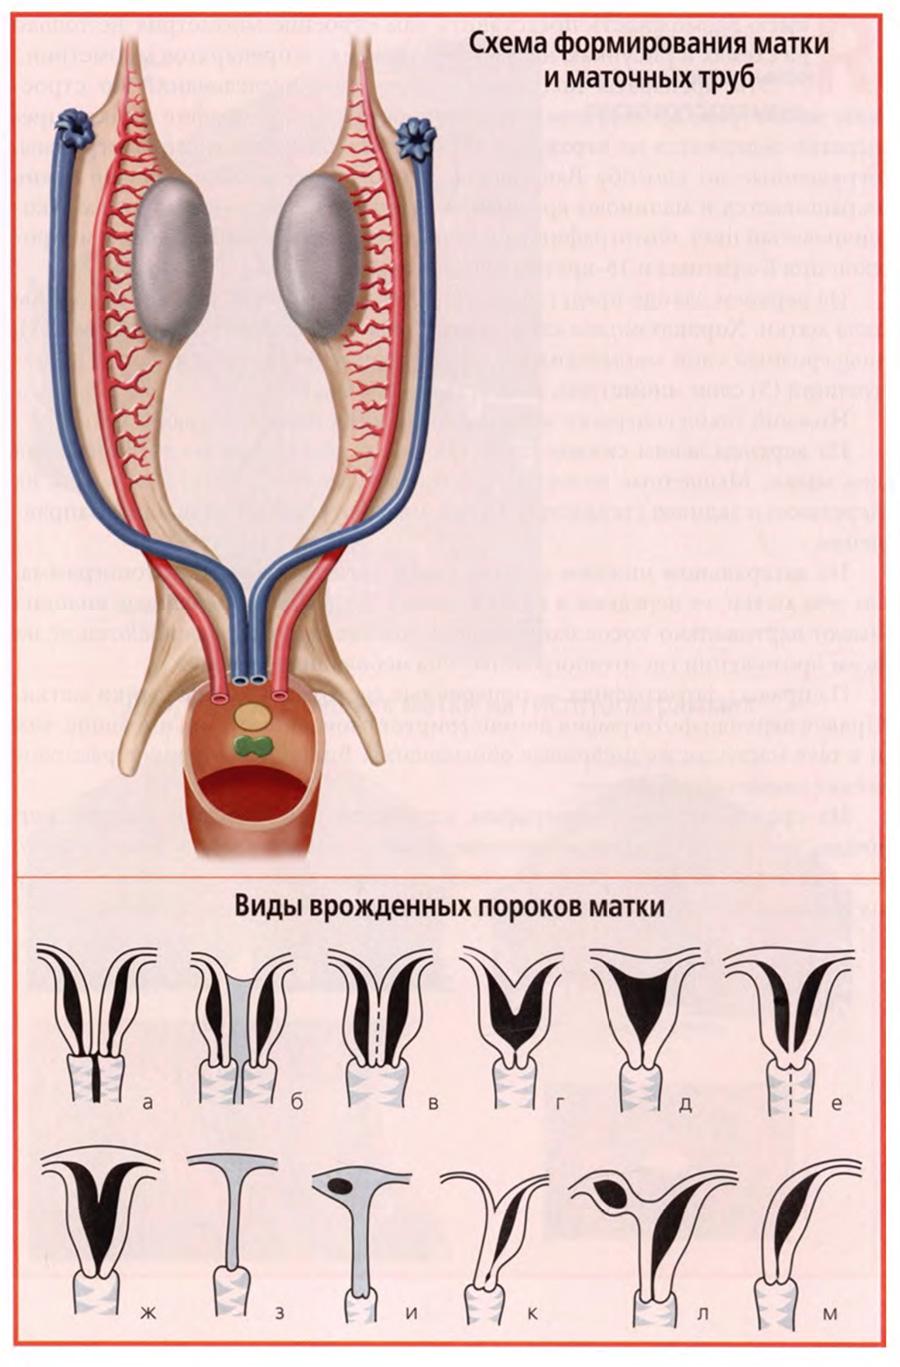 Схема формирования матки и маточных труб